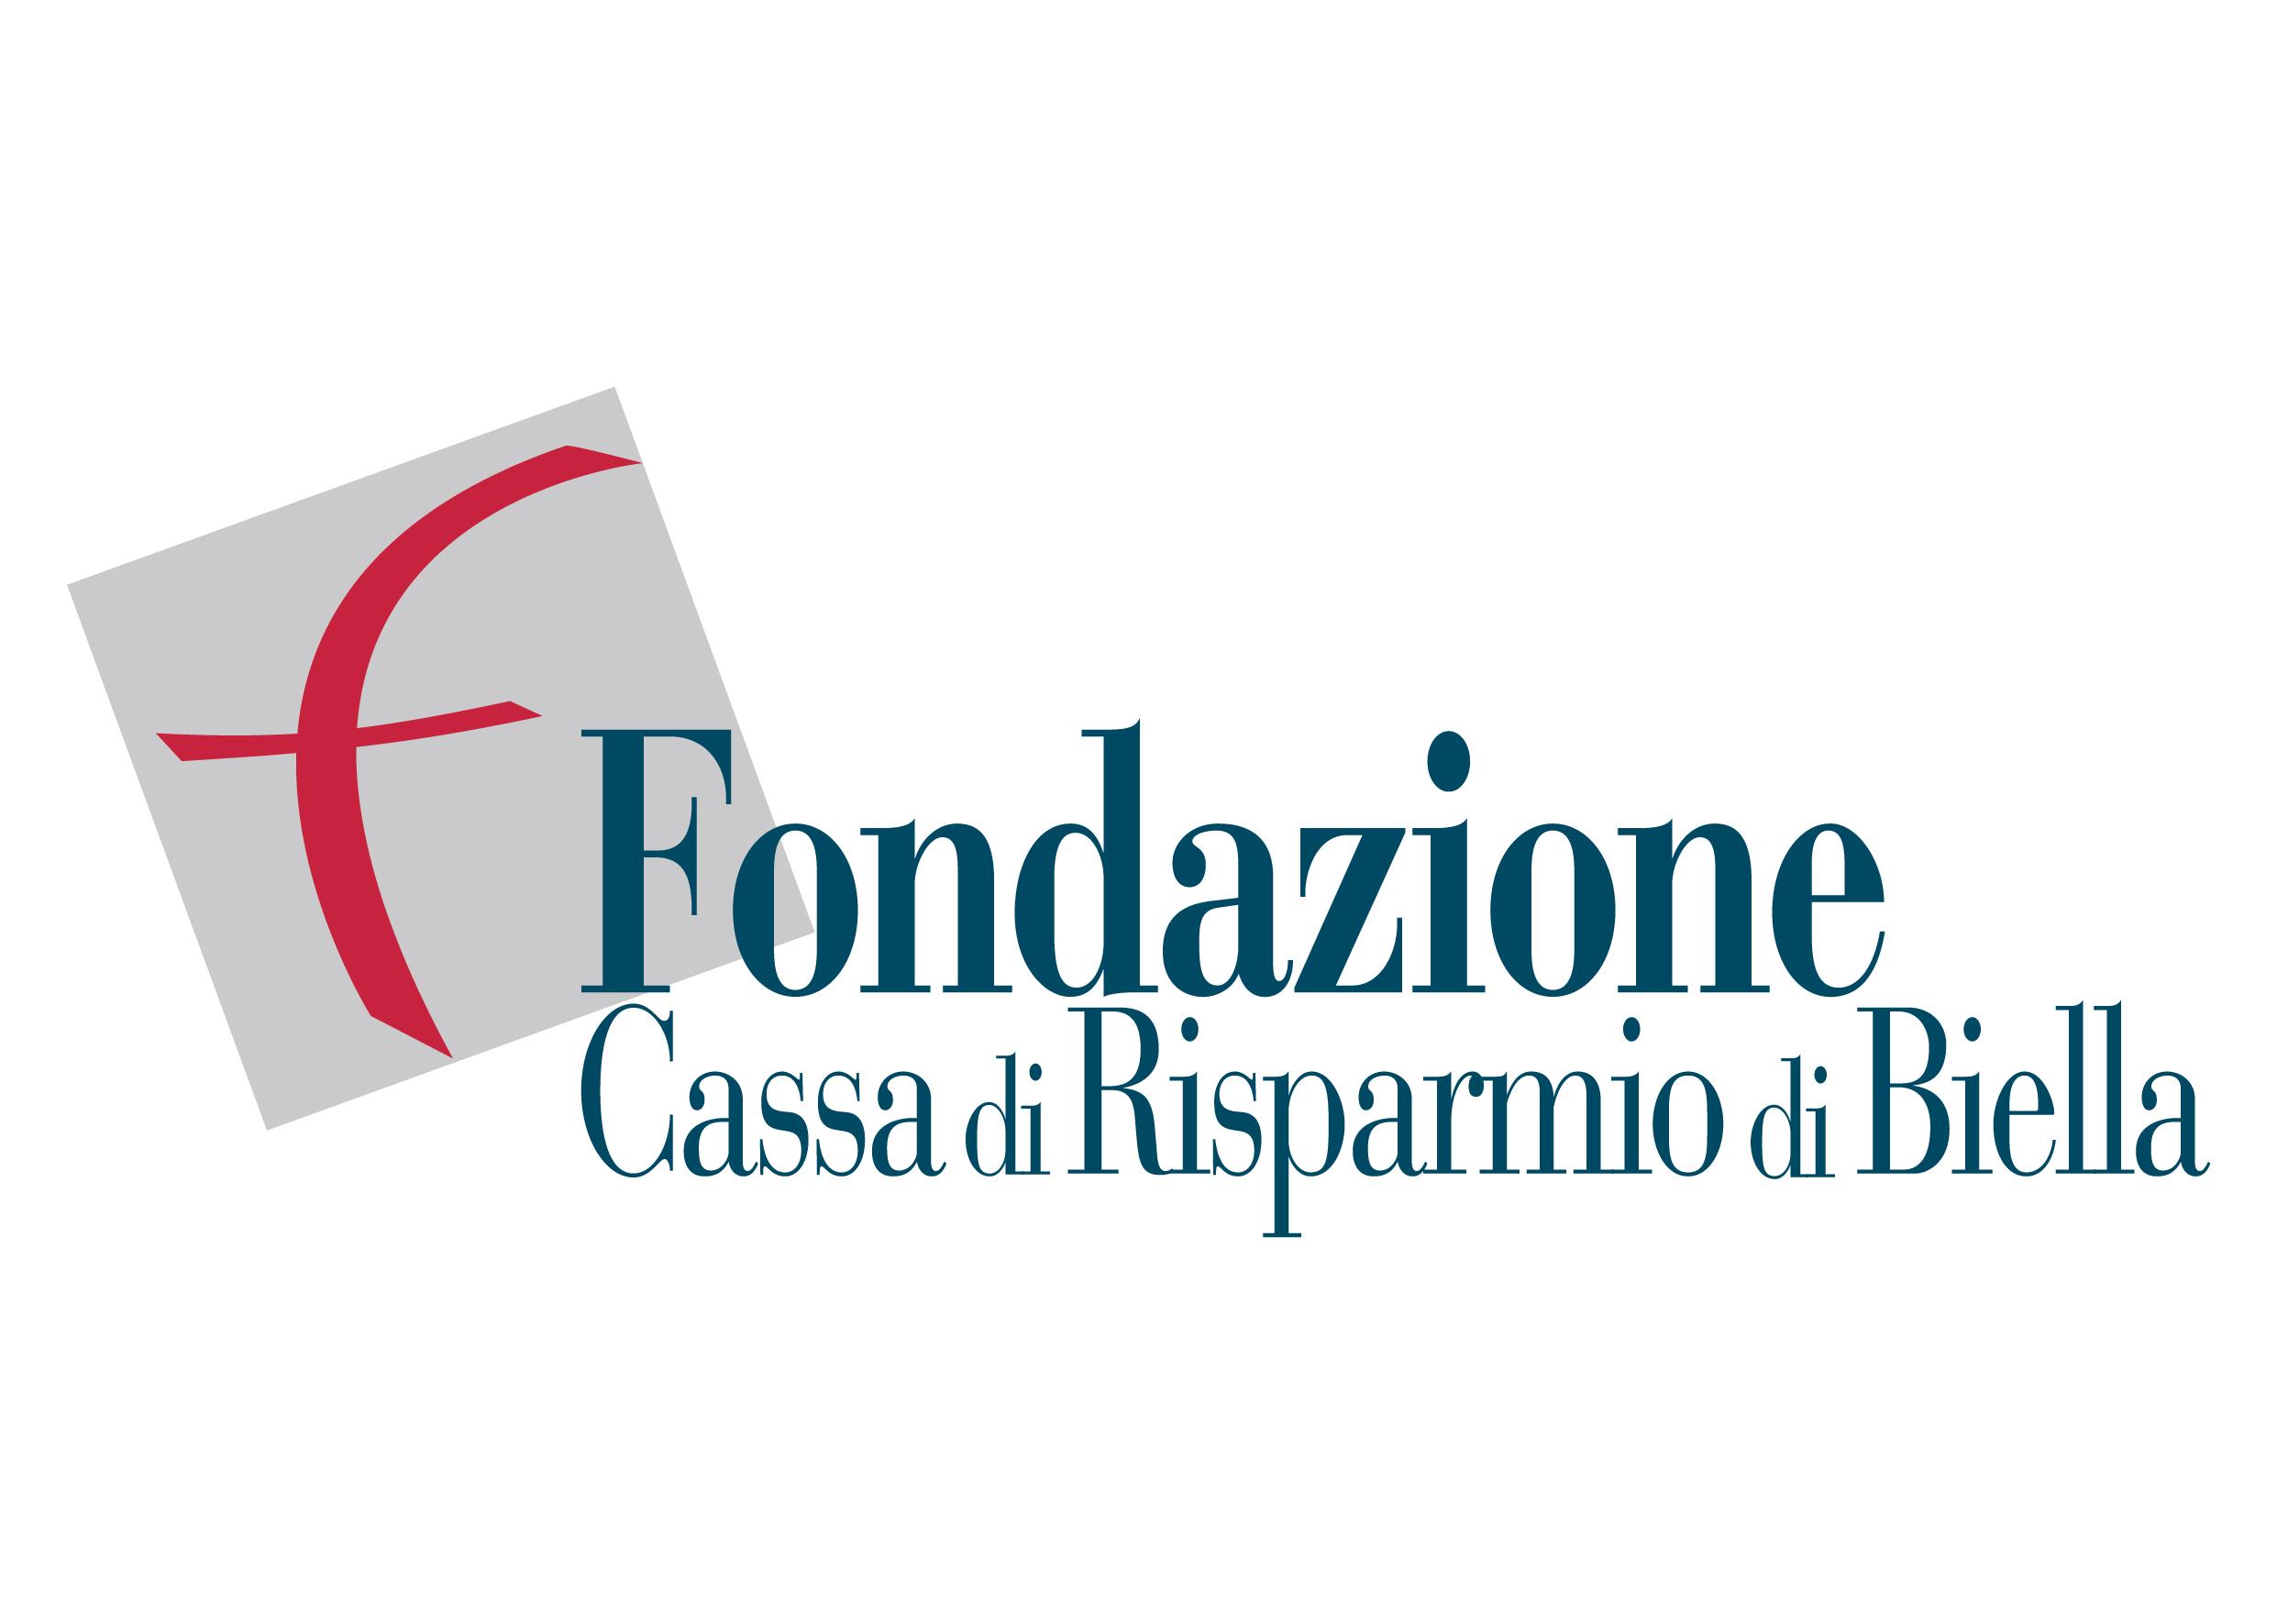 Fondazione Cassa di Risparmio - Sponsor - Reload Soundfestival